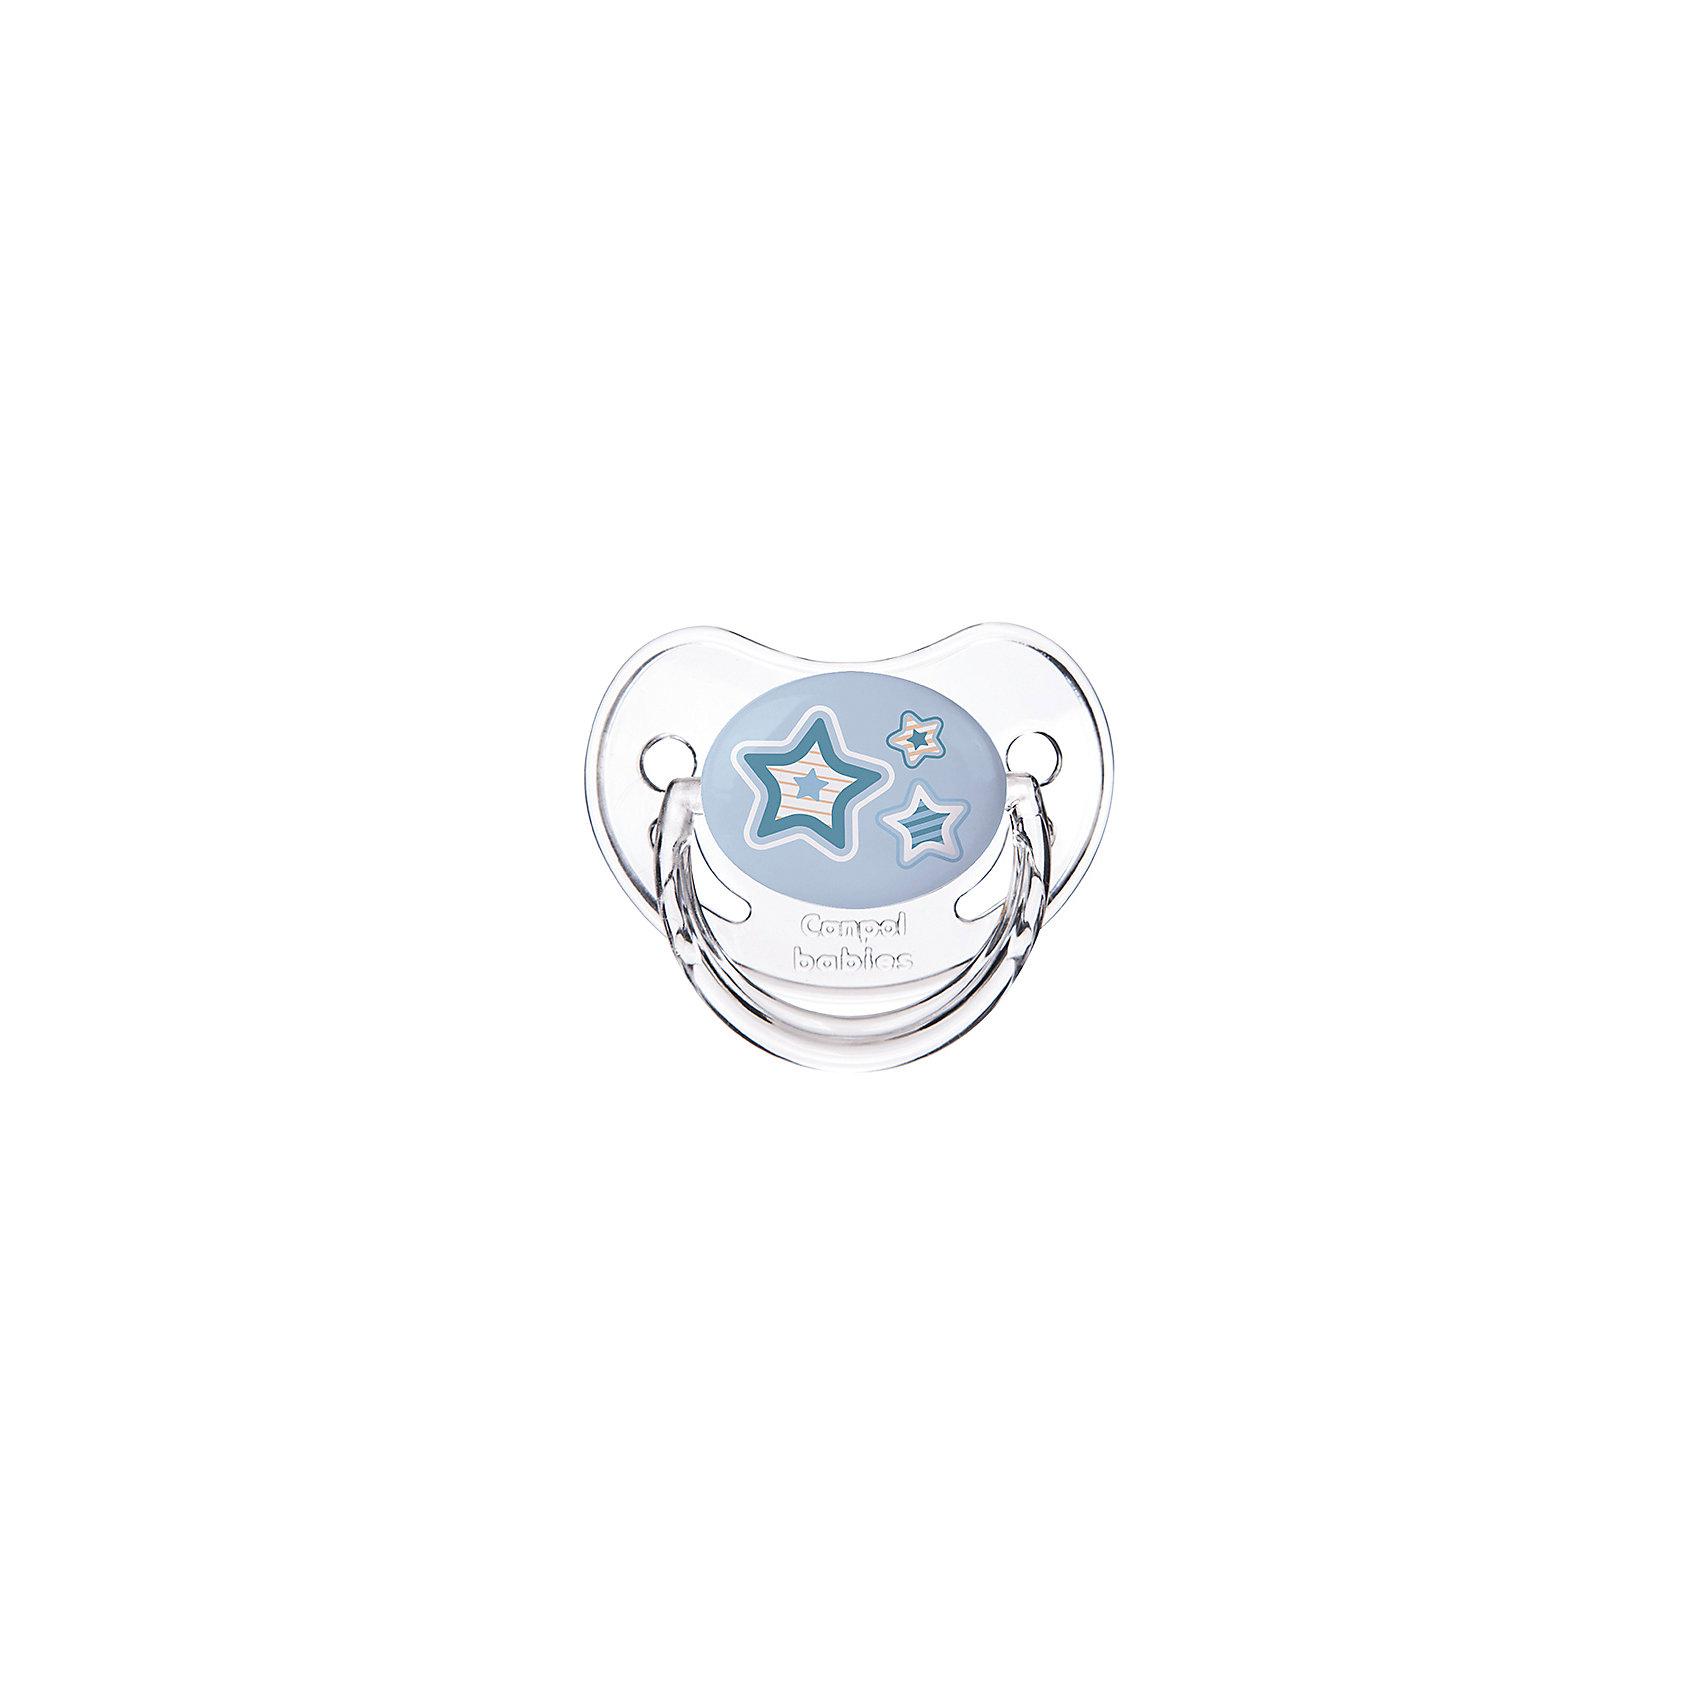 Пустышка анатомическая силиконовая, 6-18 Newborn baby, Canpol Babies, голубой